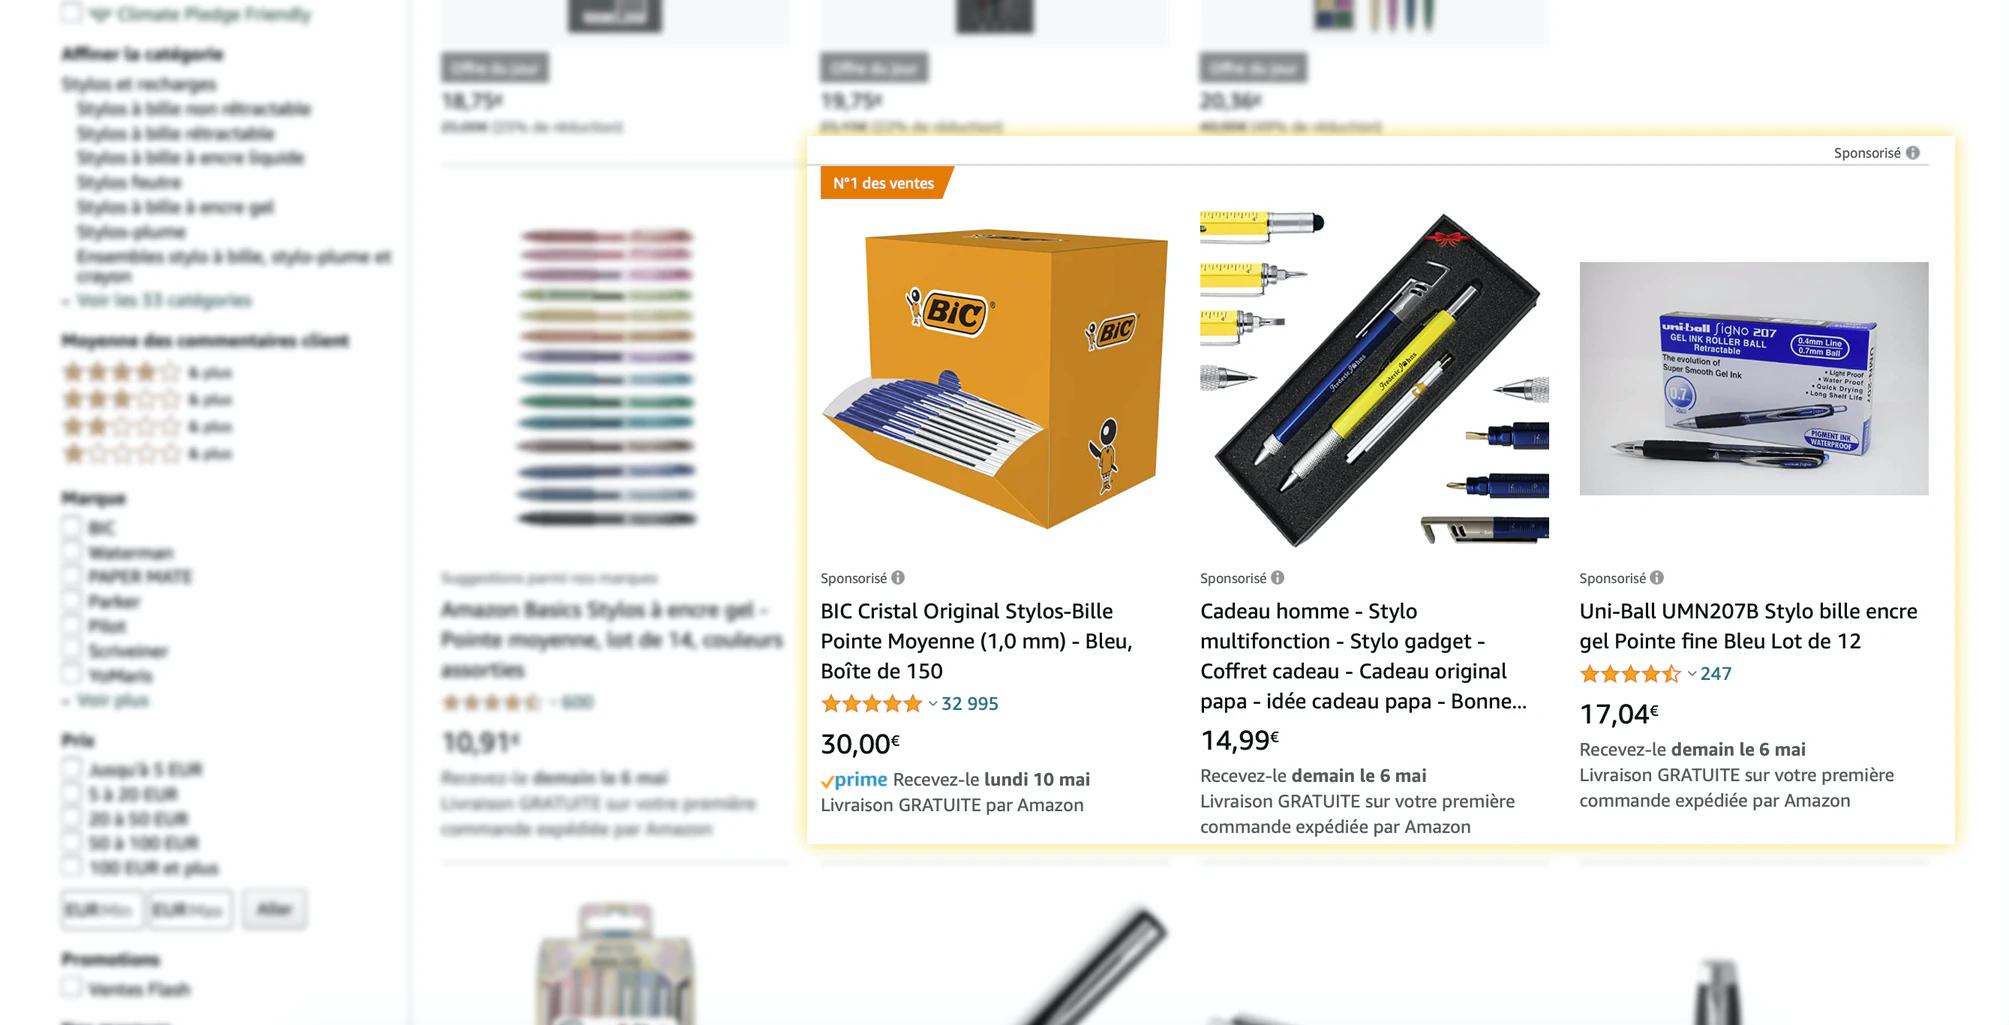 Amazon-Sponsorisé-produits